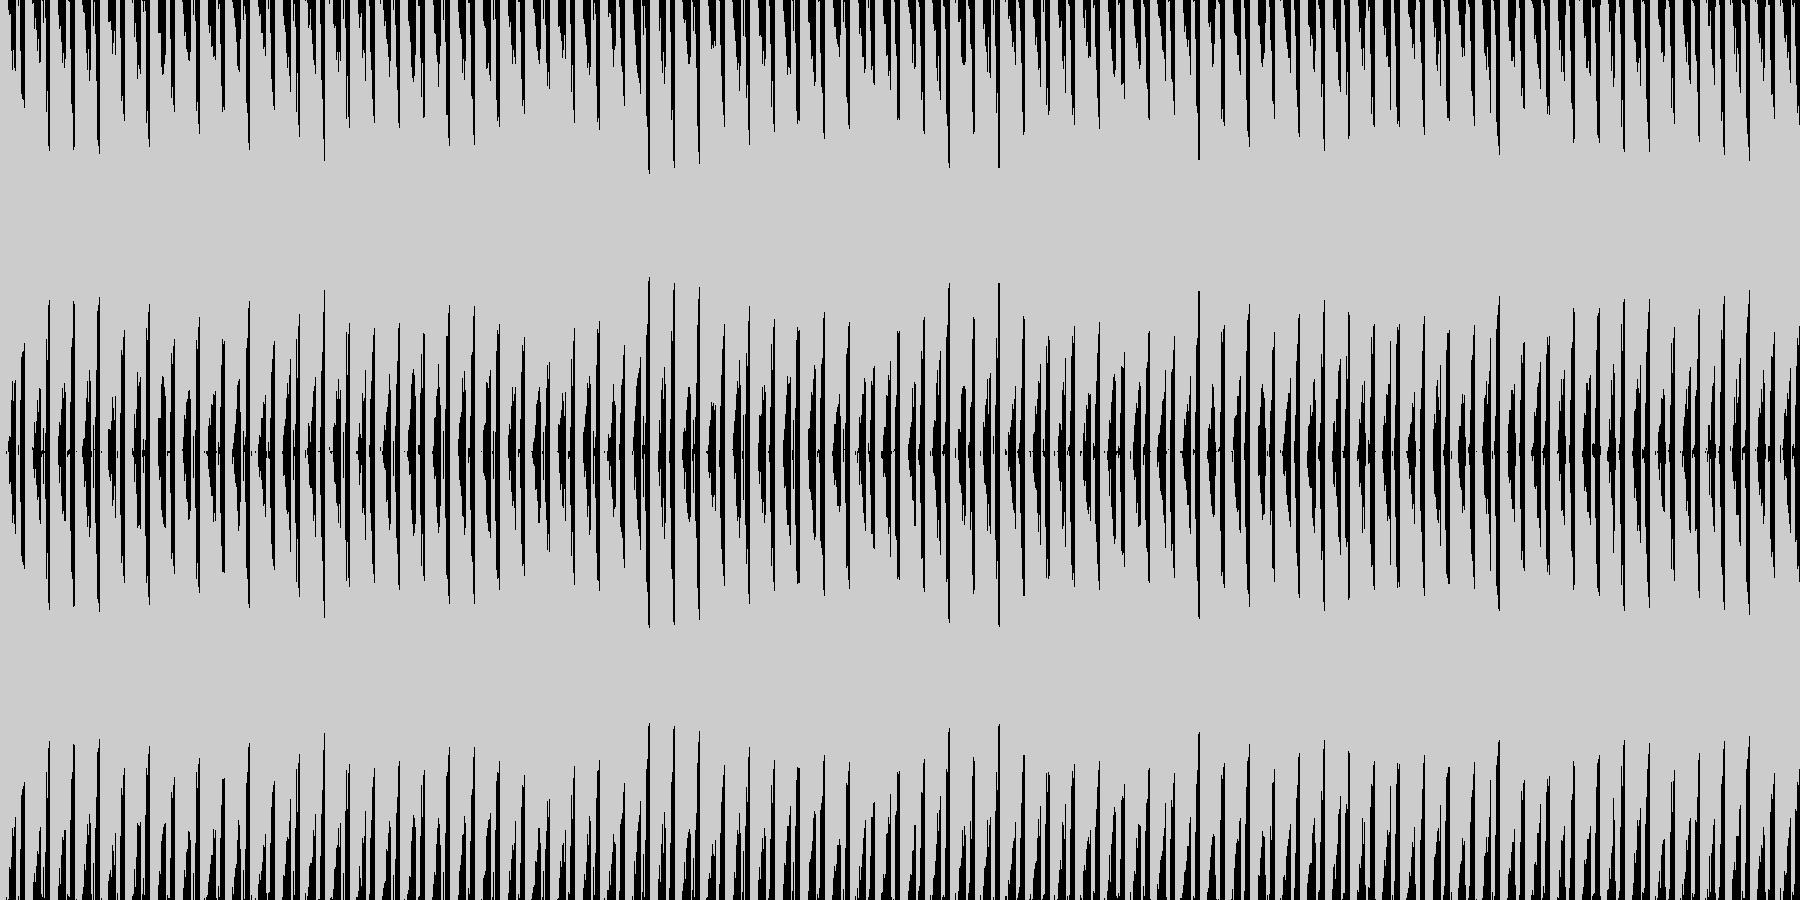 重ためのビートの未再生の波形